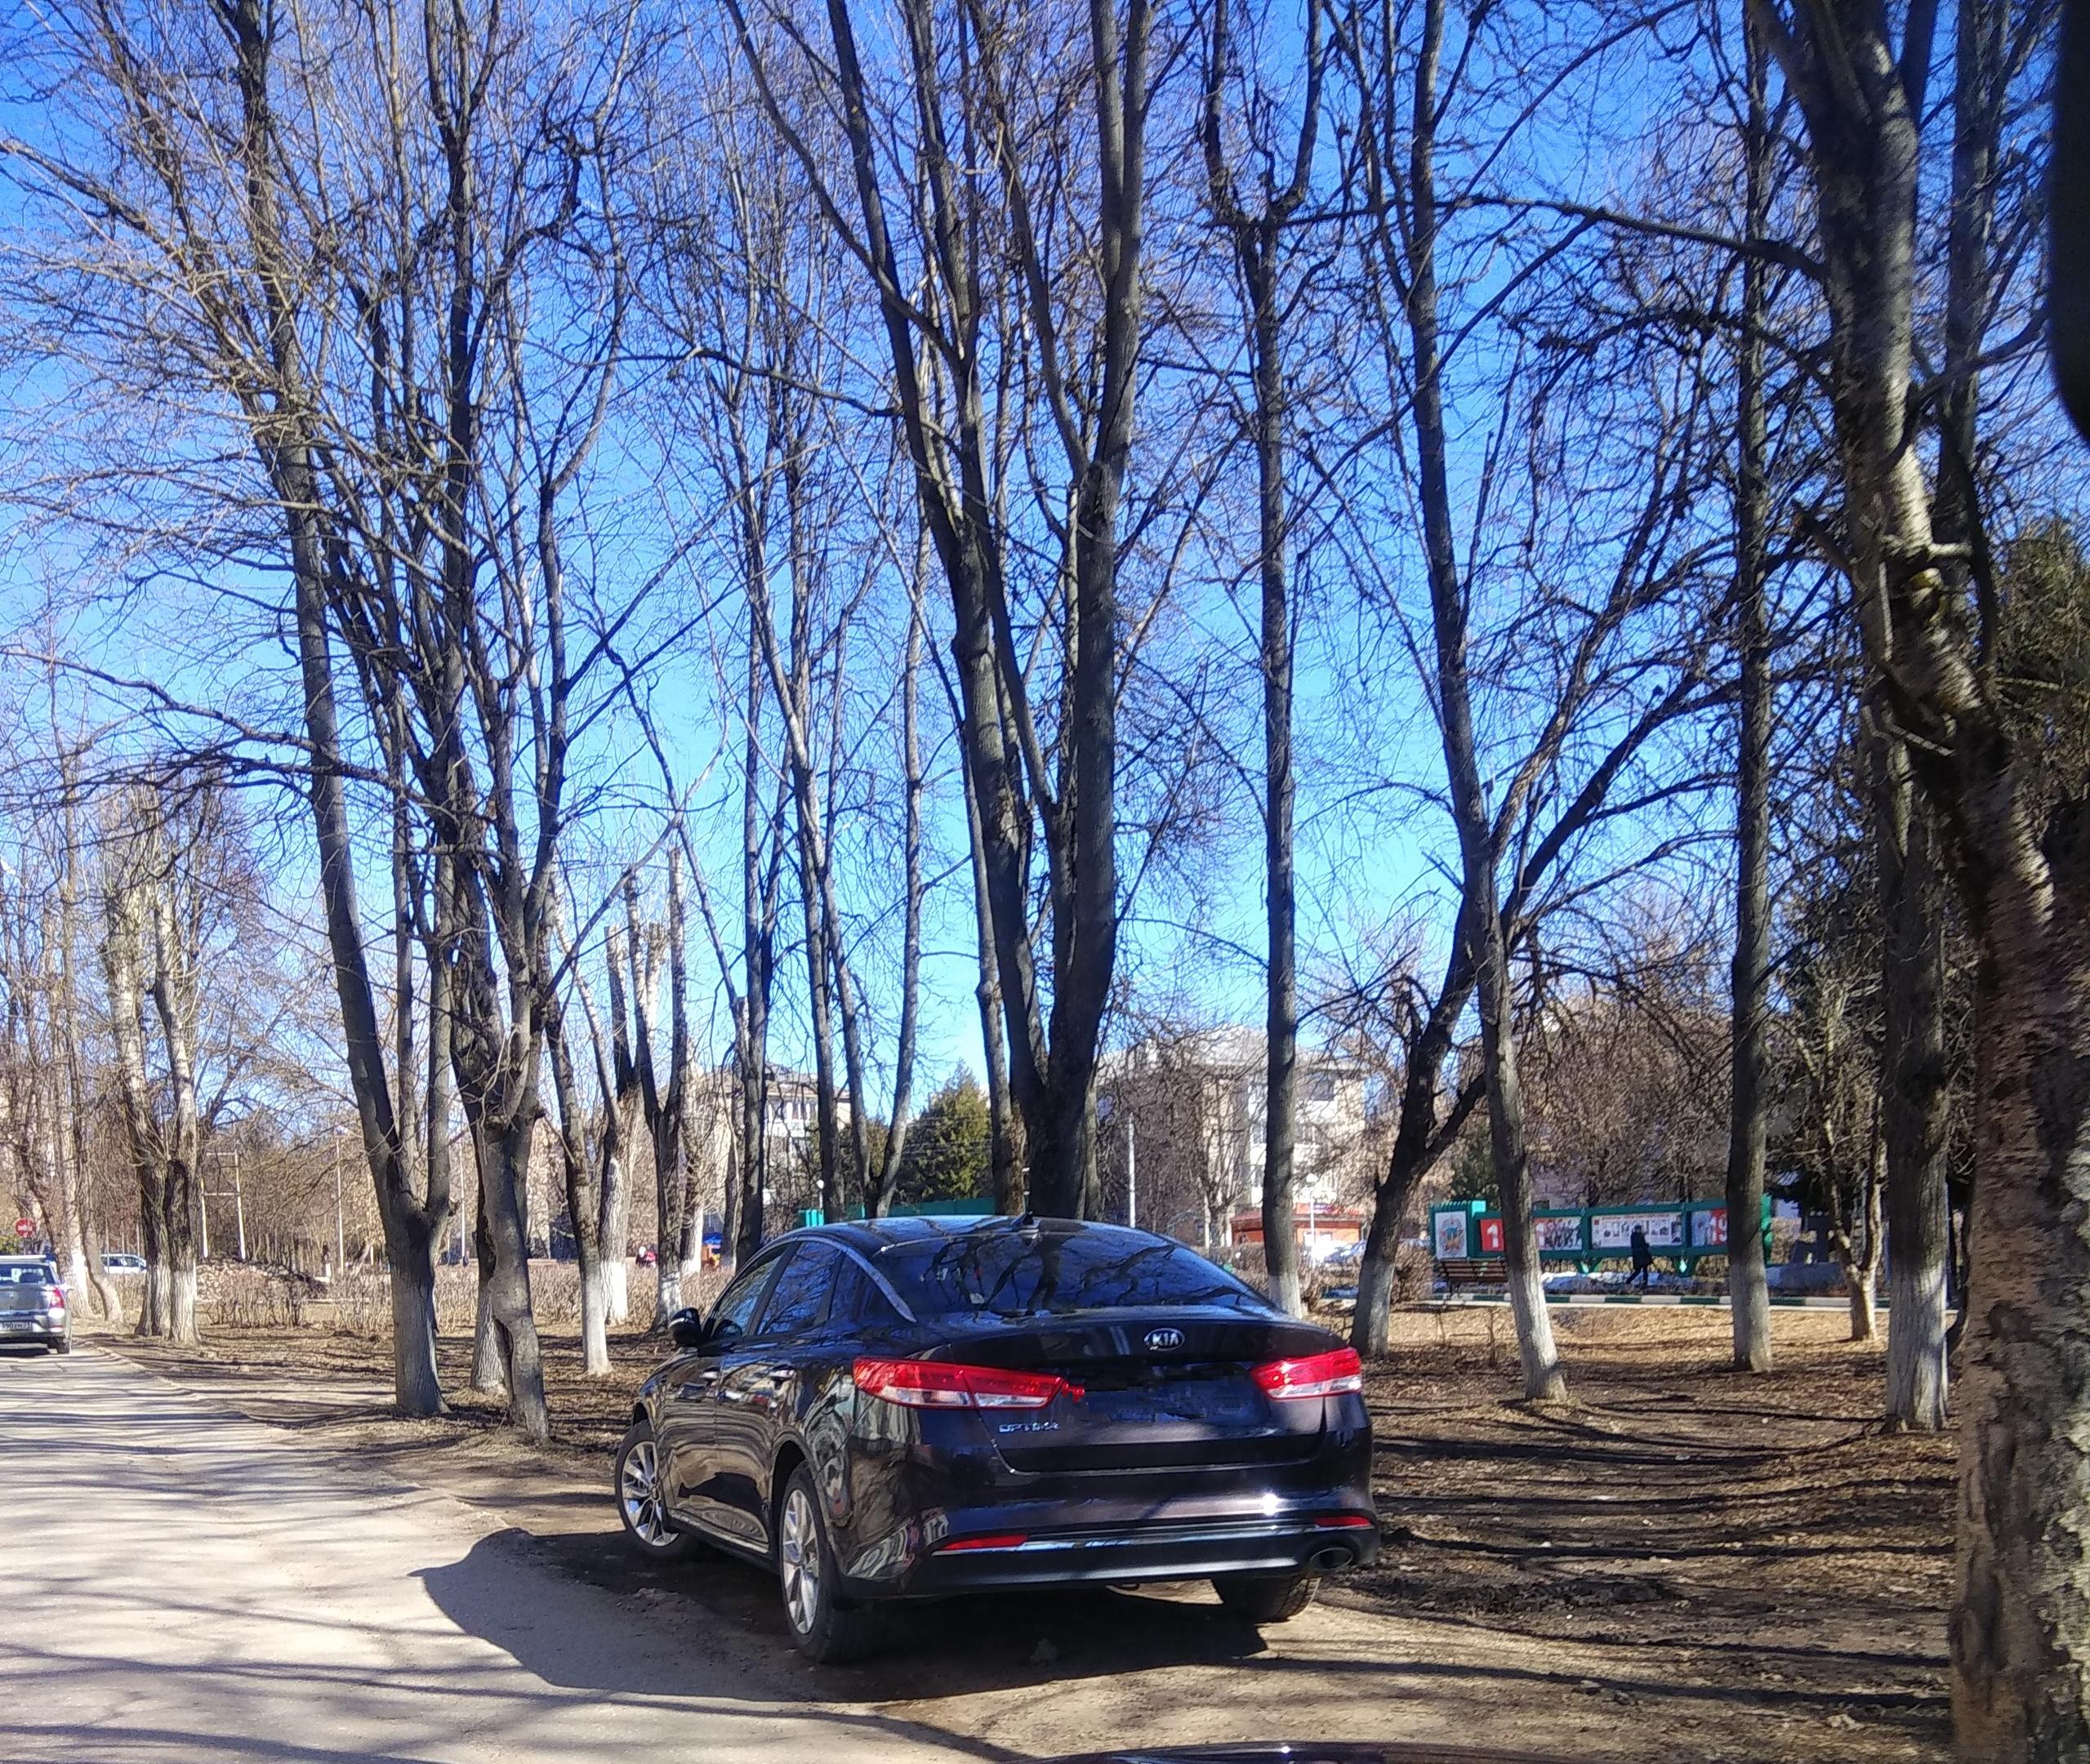 А давайте нахрен срубим деревья и сделаем парковку?